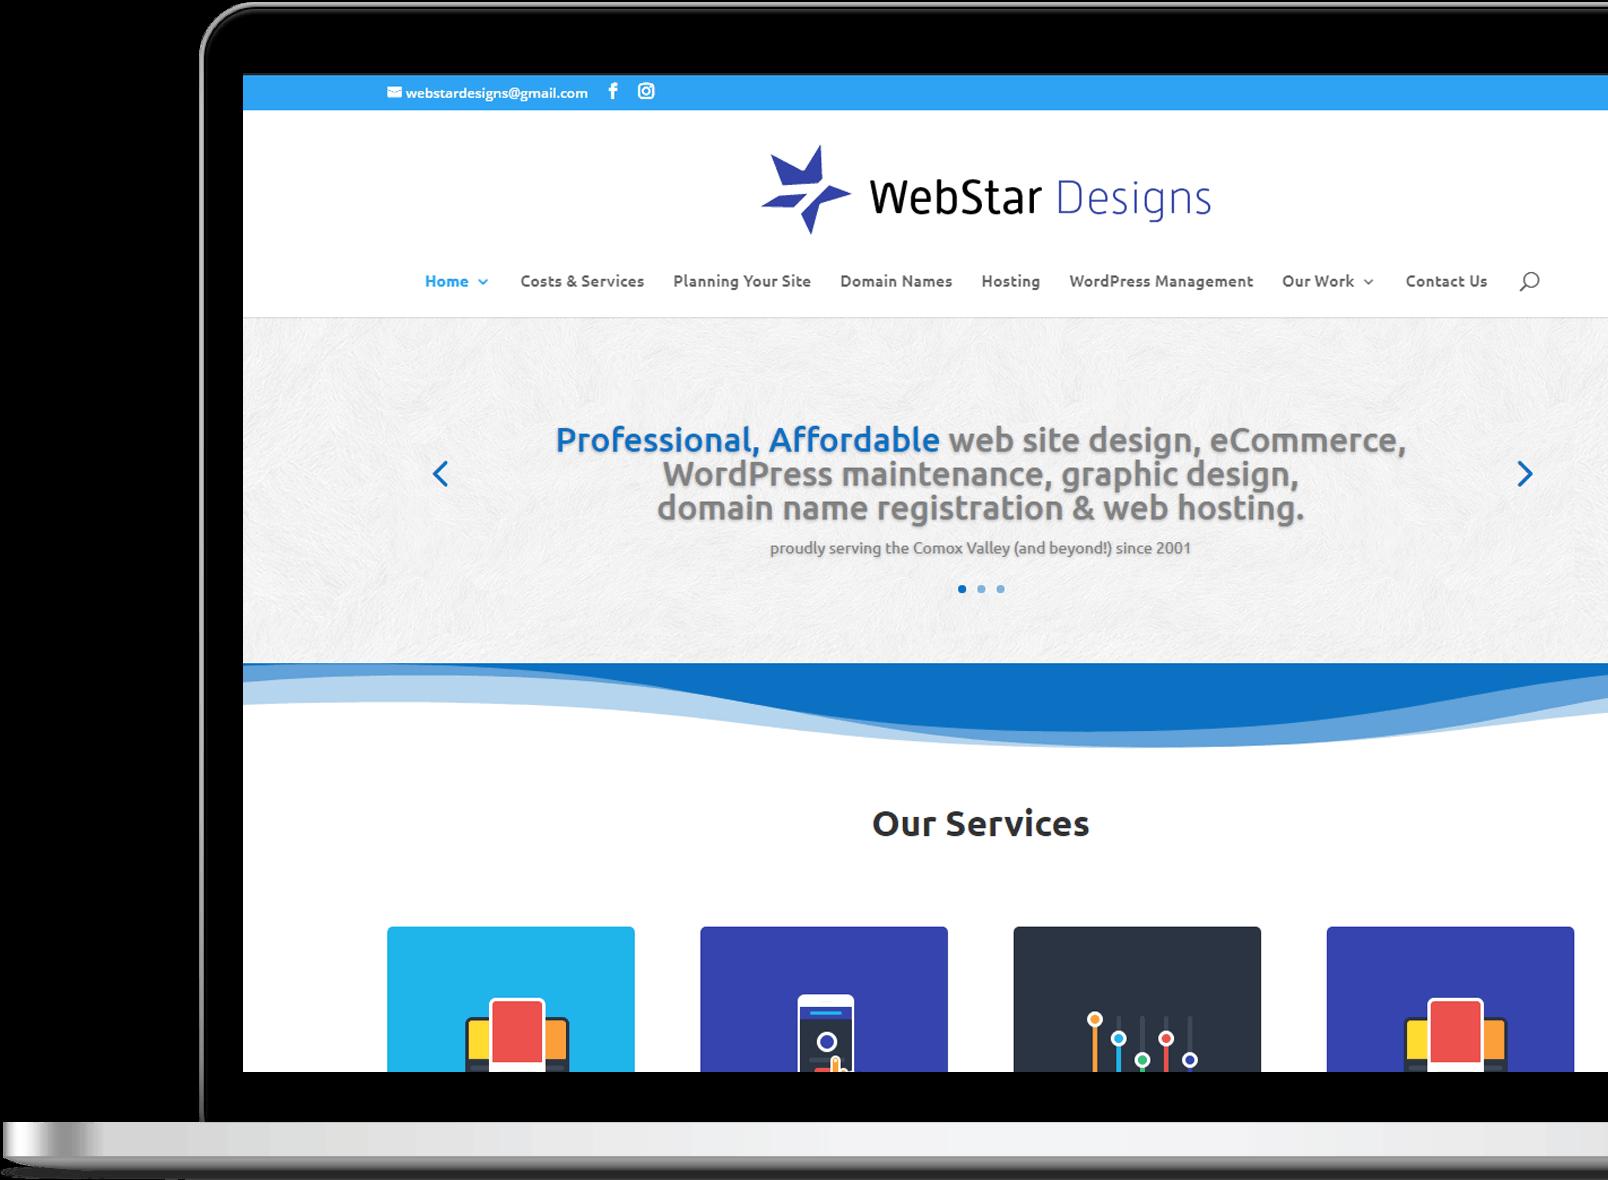 previous work by WebStar Designs - Comox Valley web designer